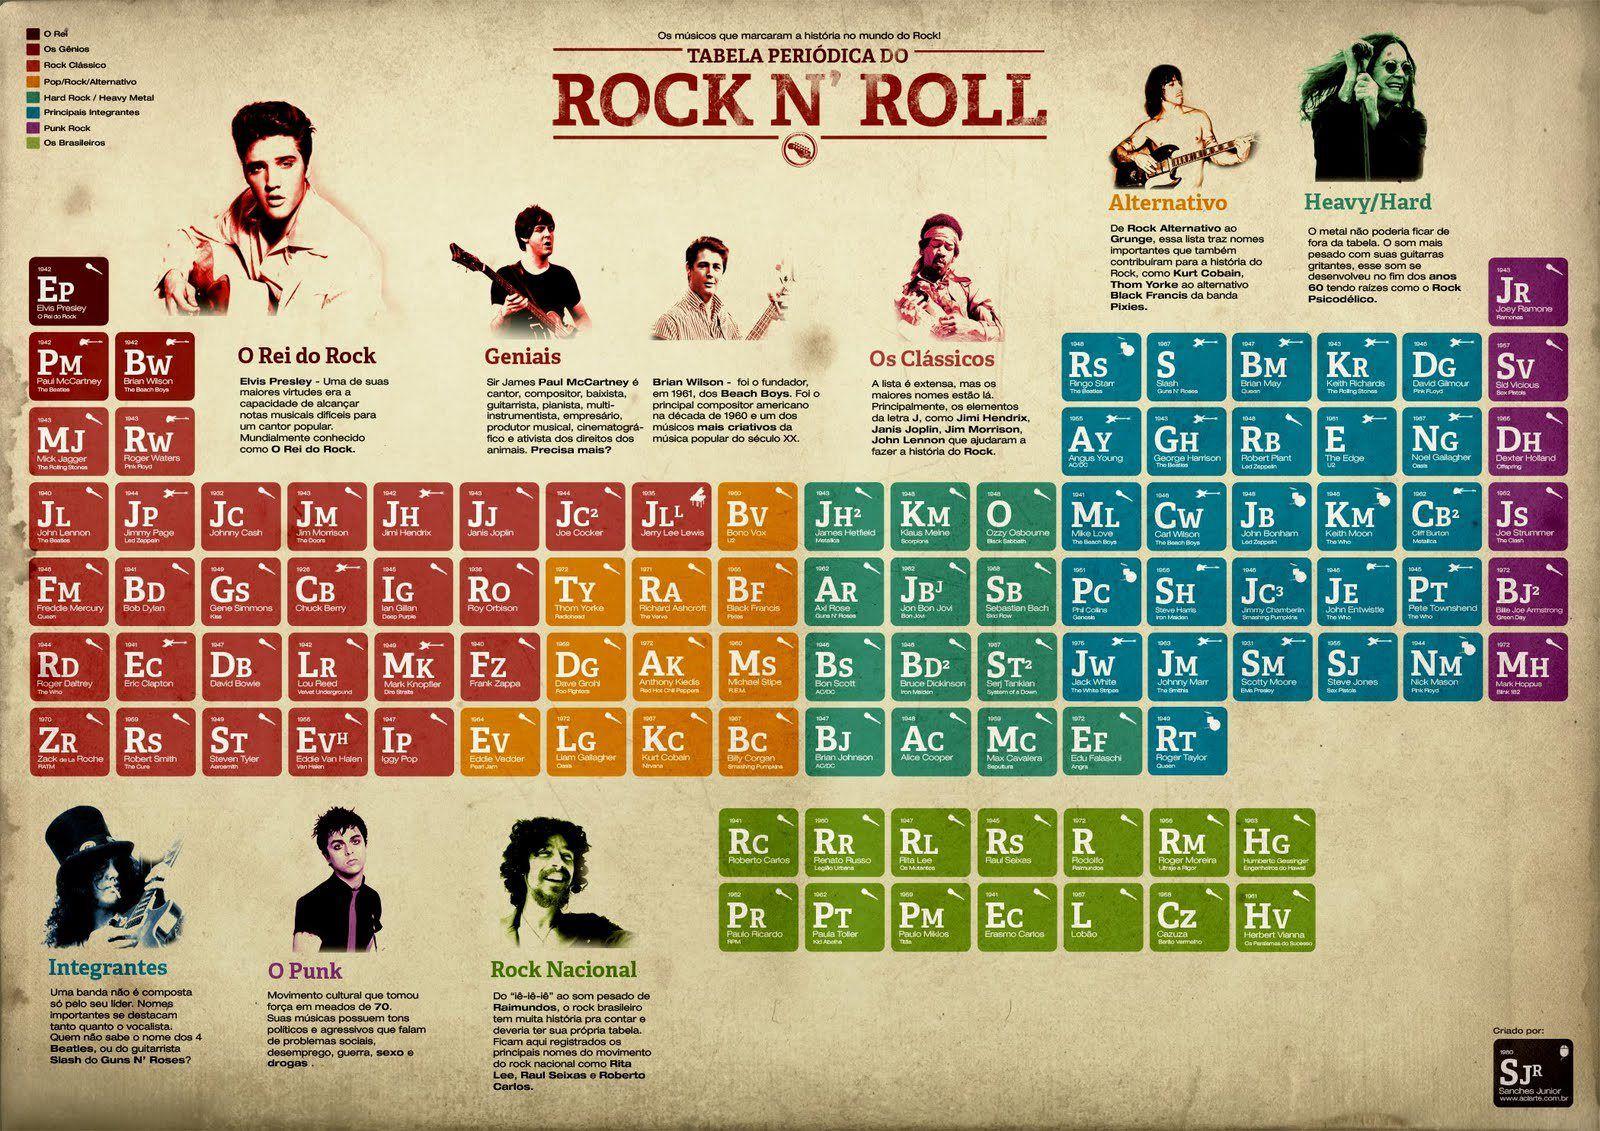 Tabla periodica del rock musica pinterest el rock tabla y musica tabla periodica del rock urtaz Gallery